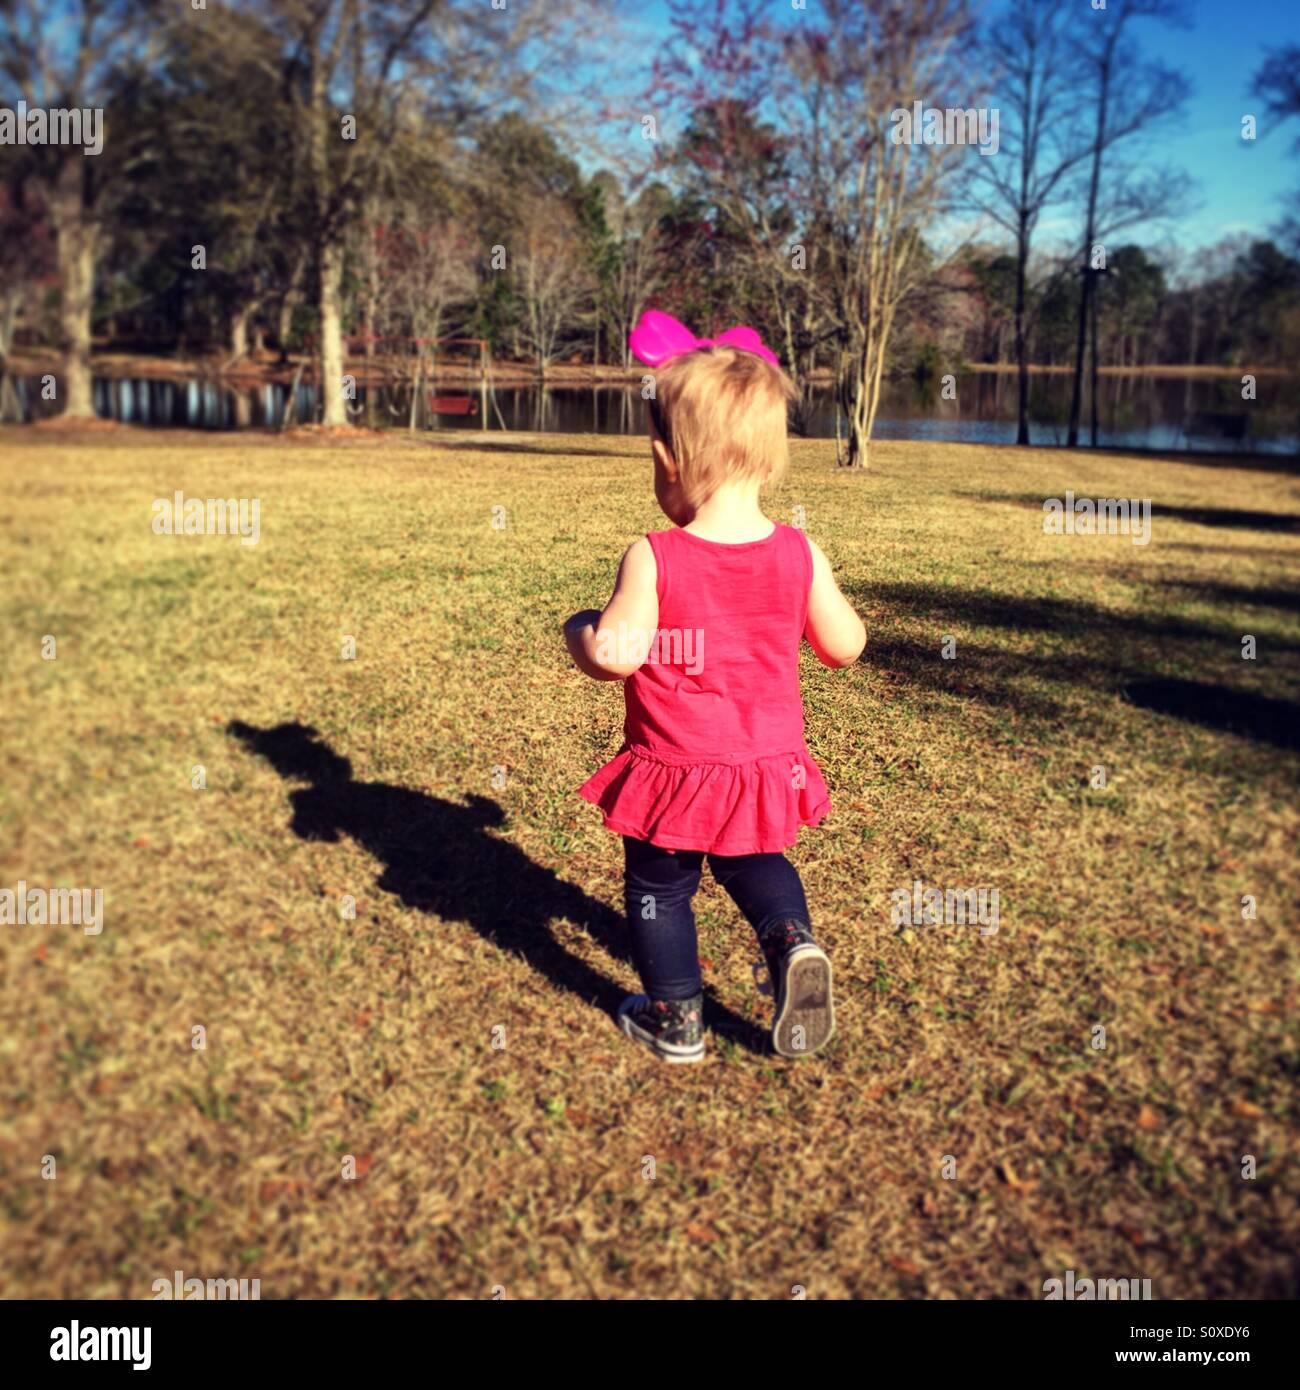 Baby Girl en dehors de chasing shadow Banque D'Images